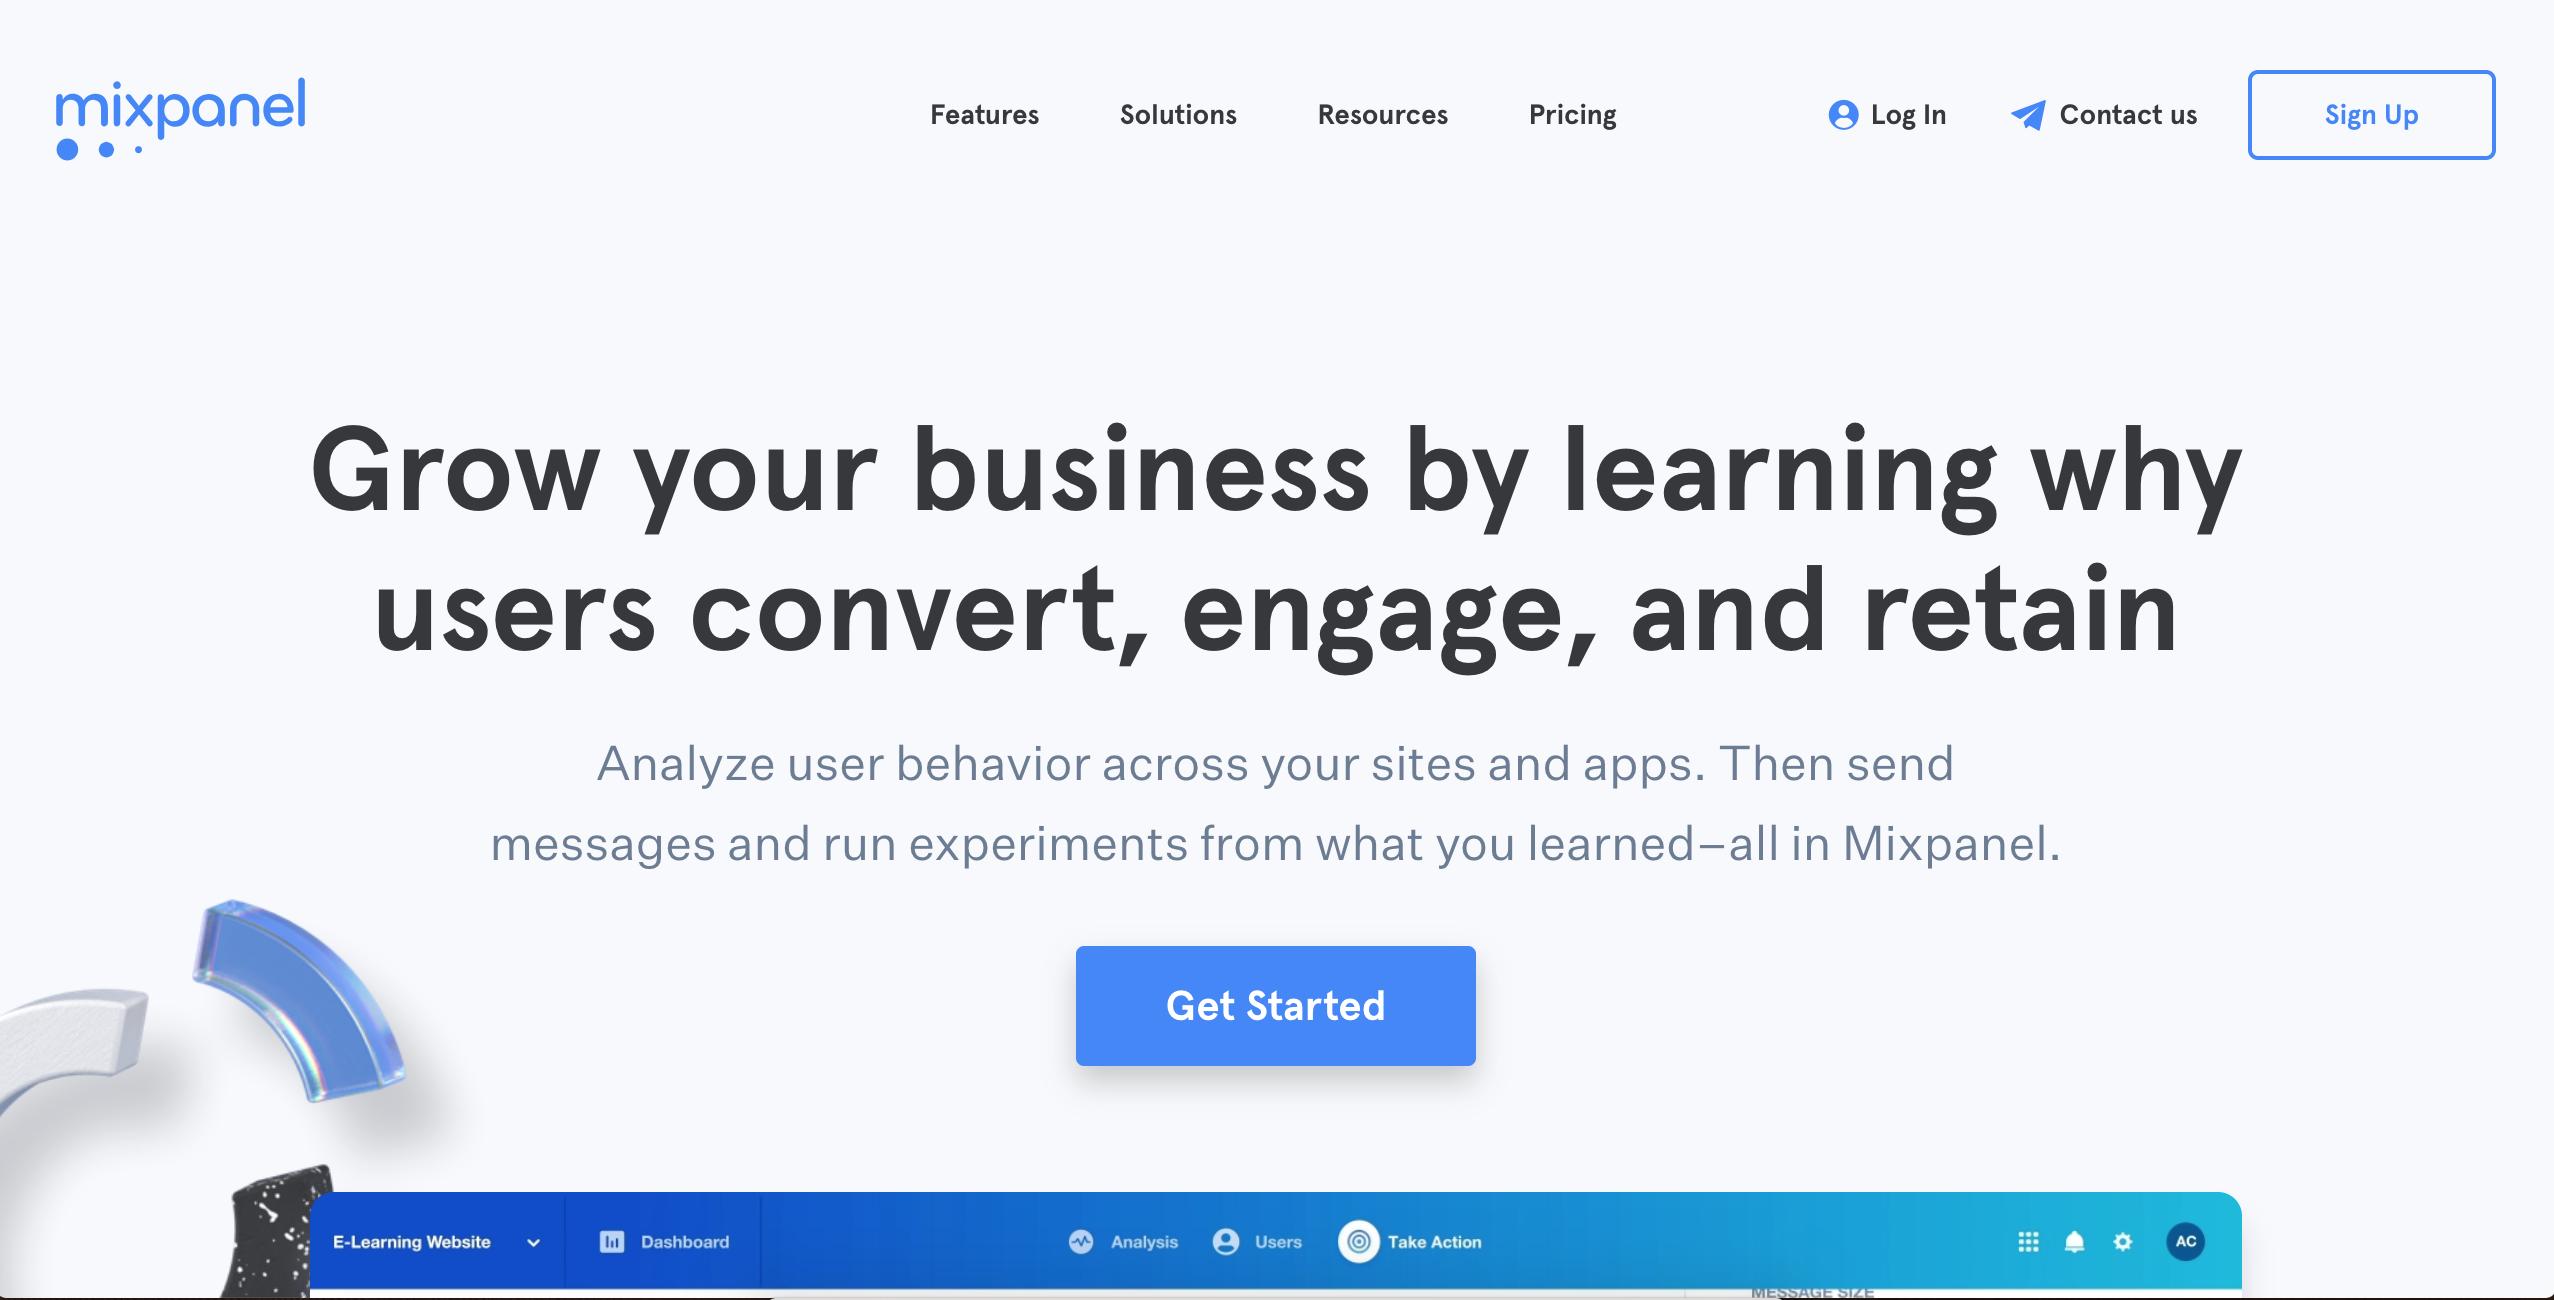 mixpanel analytics cro tool